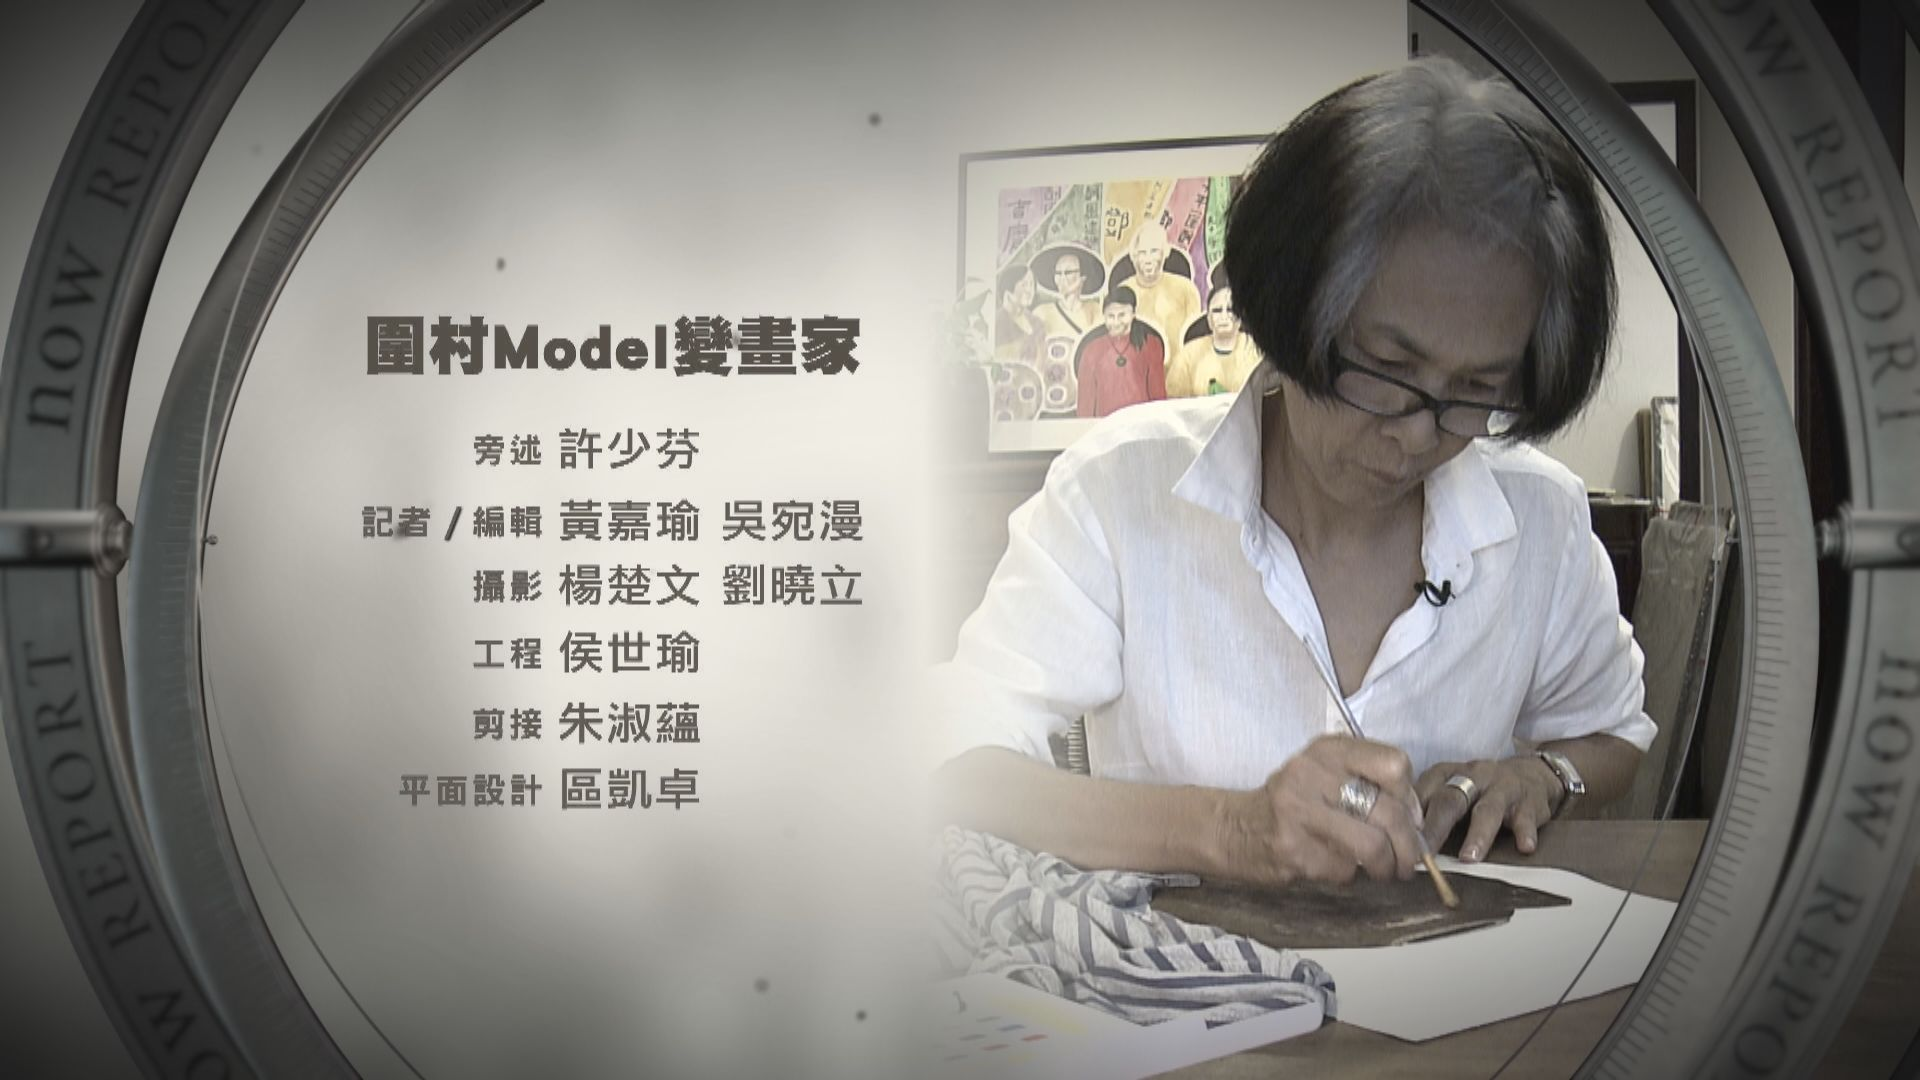 【經緯線】圍村Model變畫家